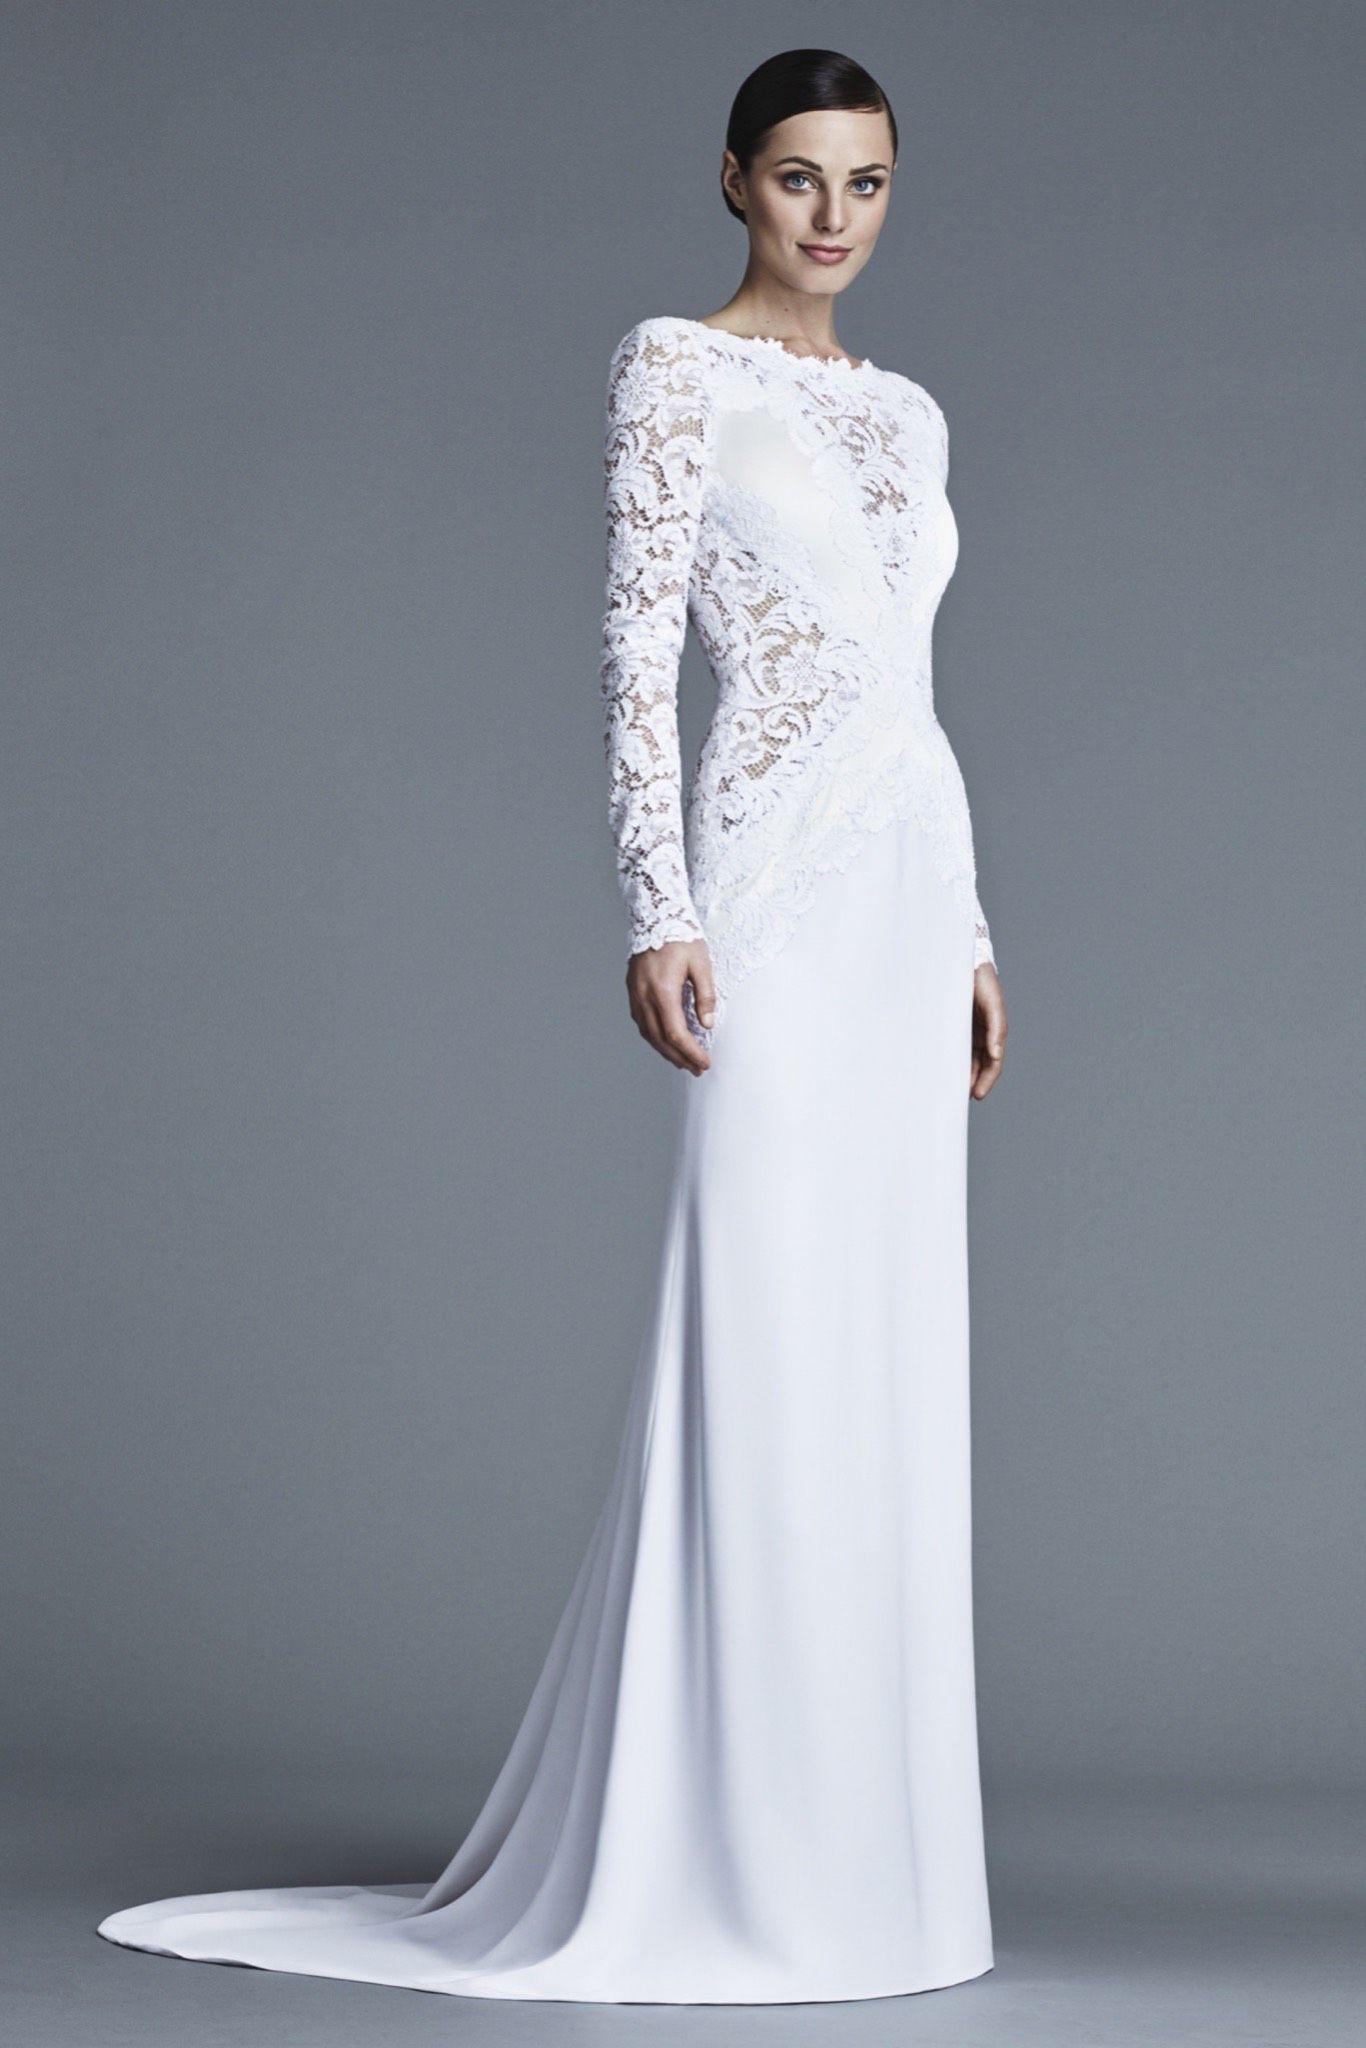 Elegant wedding dresses for mature brides  J Mendel Look   Bridal  Pinterest  Shoe bag Wedding and Gowns